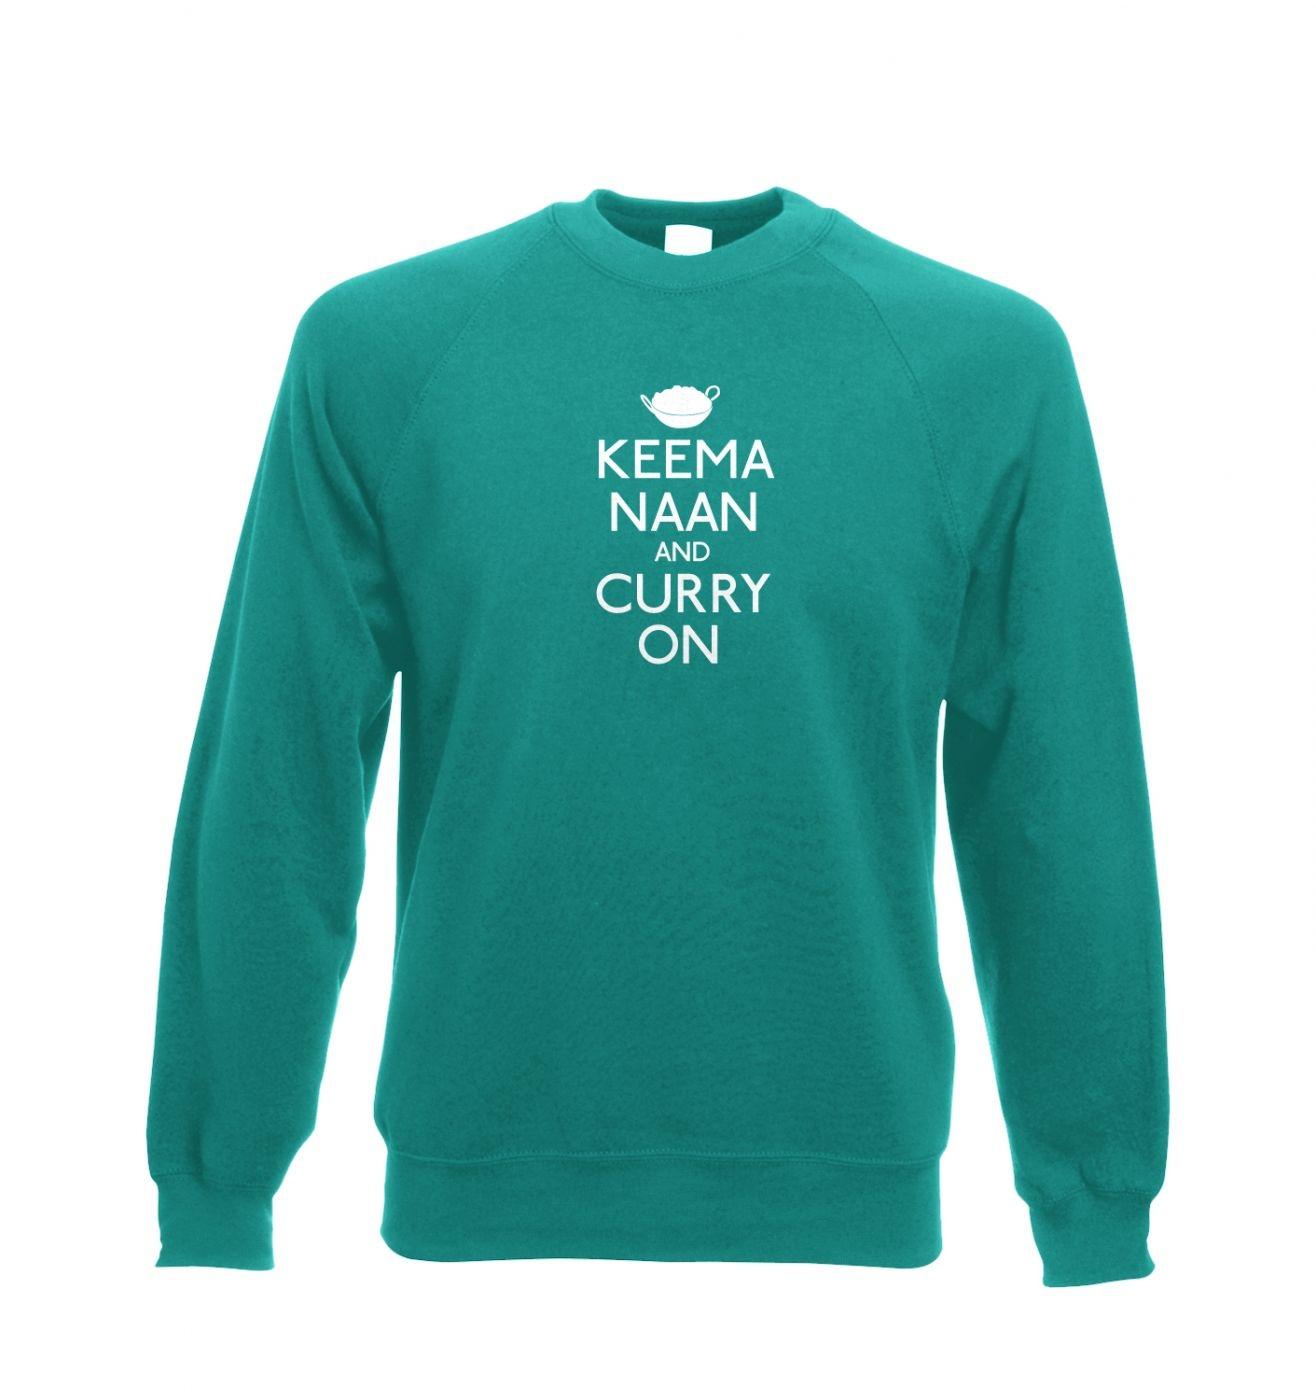 Keema Naan And Curry On Adult Crewneck Sweatshirt